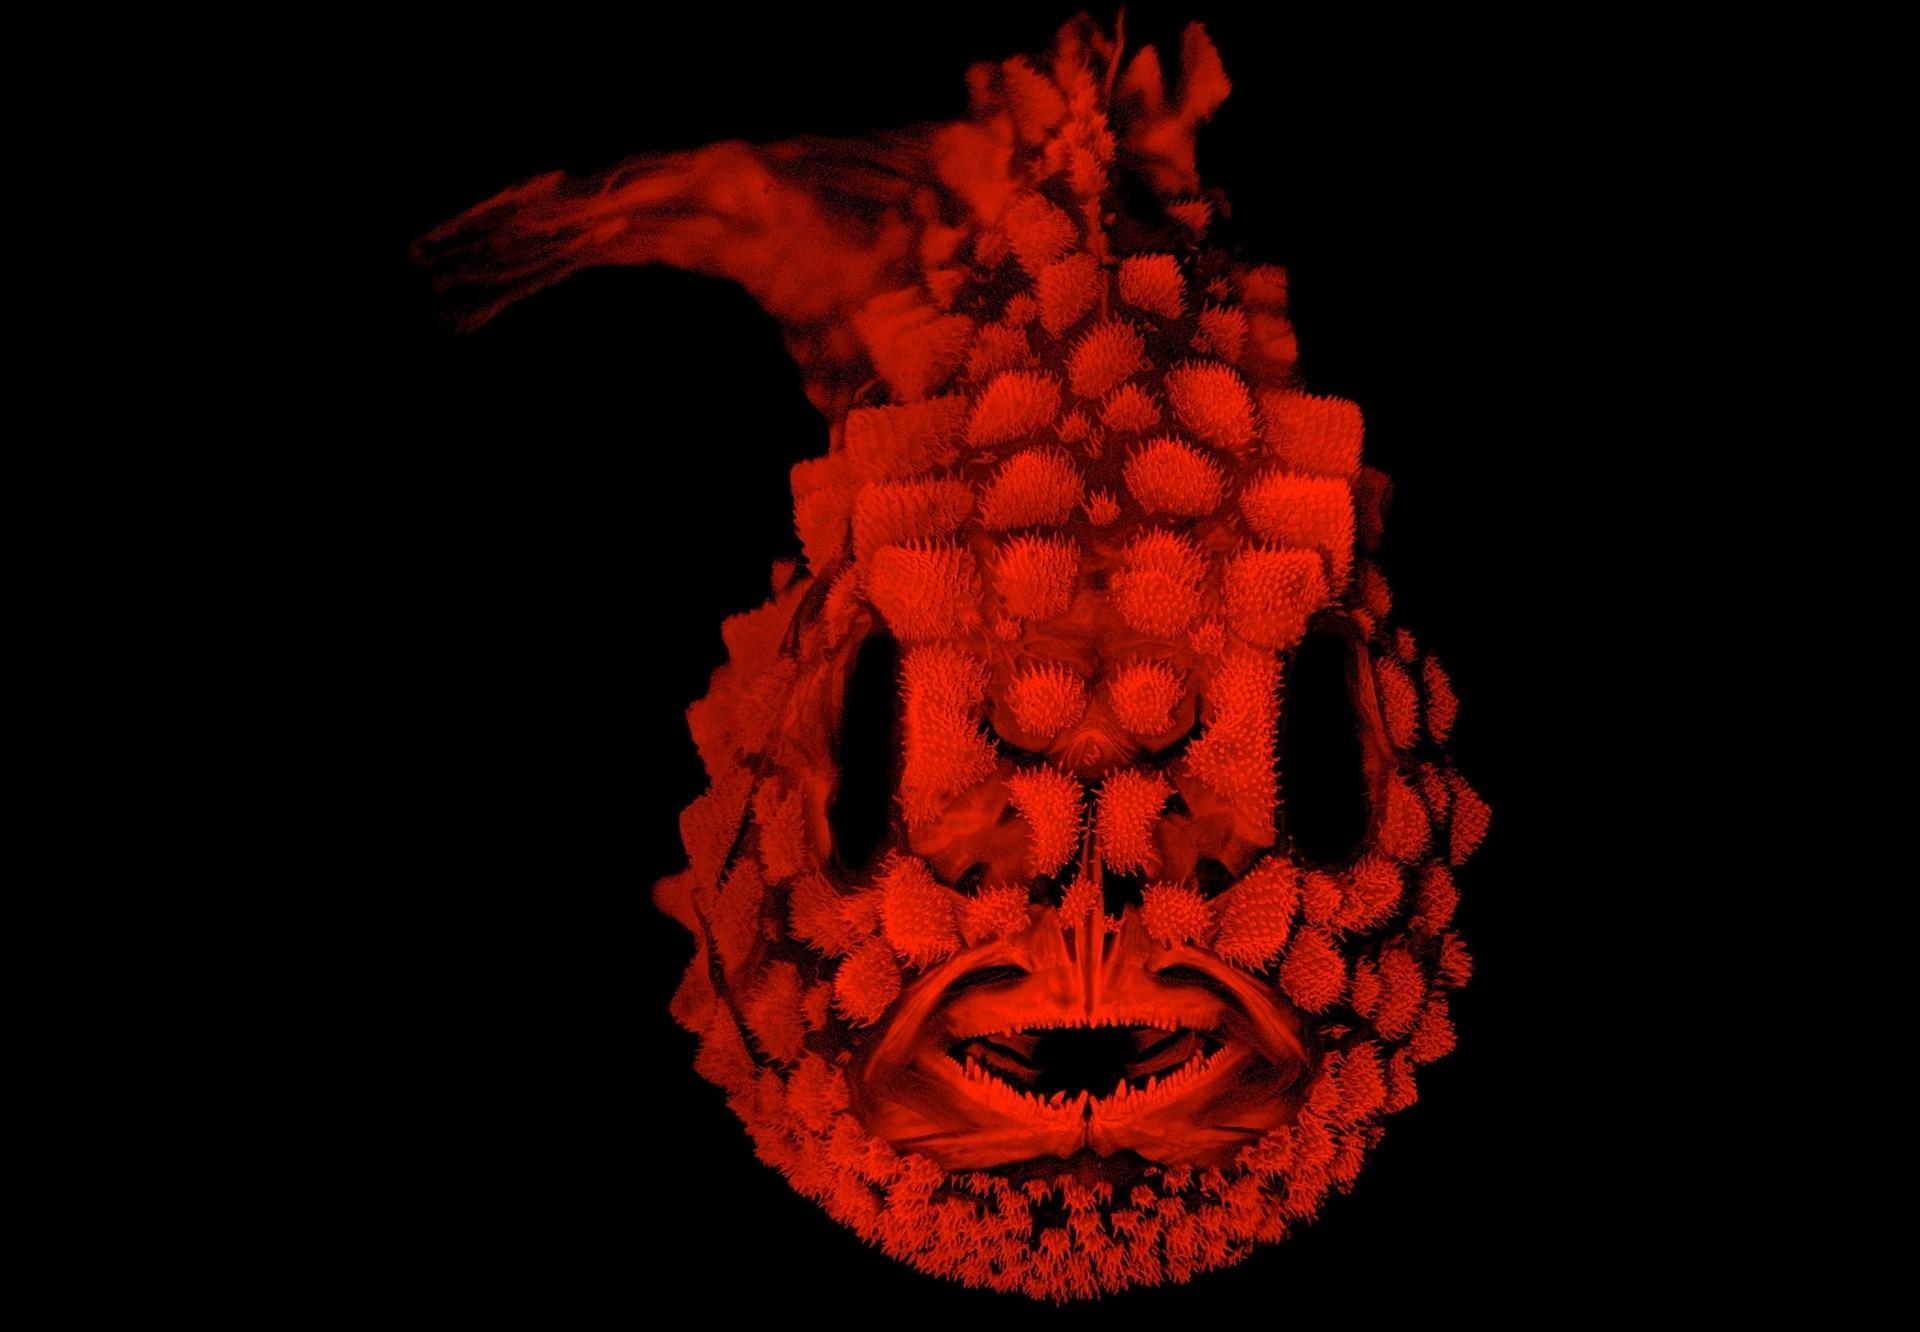 眶真圆鳍鱼(Pacific spiny lumpsucker)是种大约两公分半的小鱼,全身布满了坚硬的疣粒。 PHOTOGRAPH COURTESY OF AM